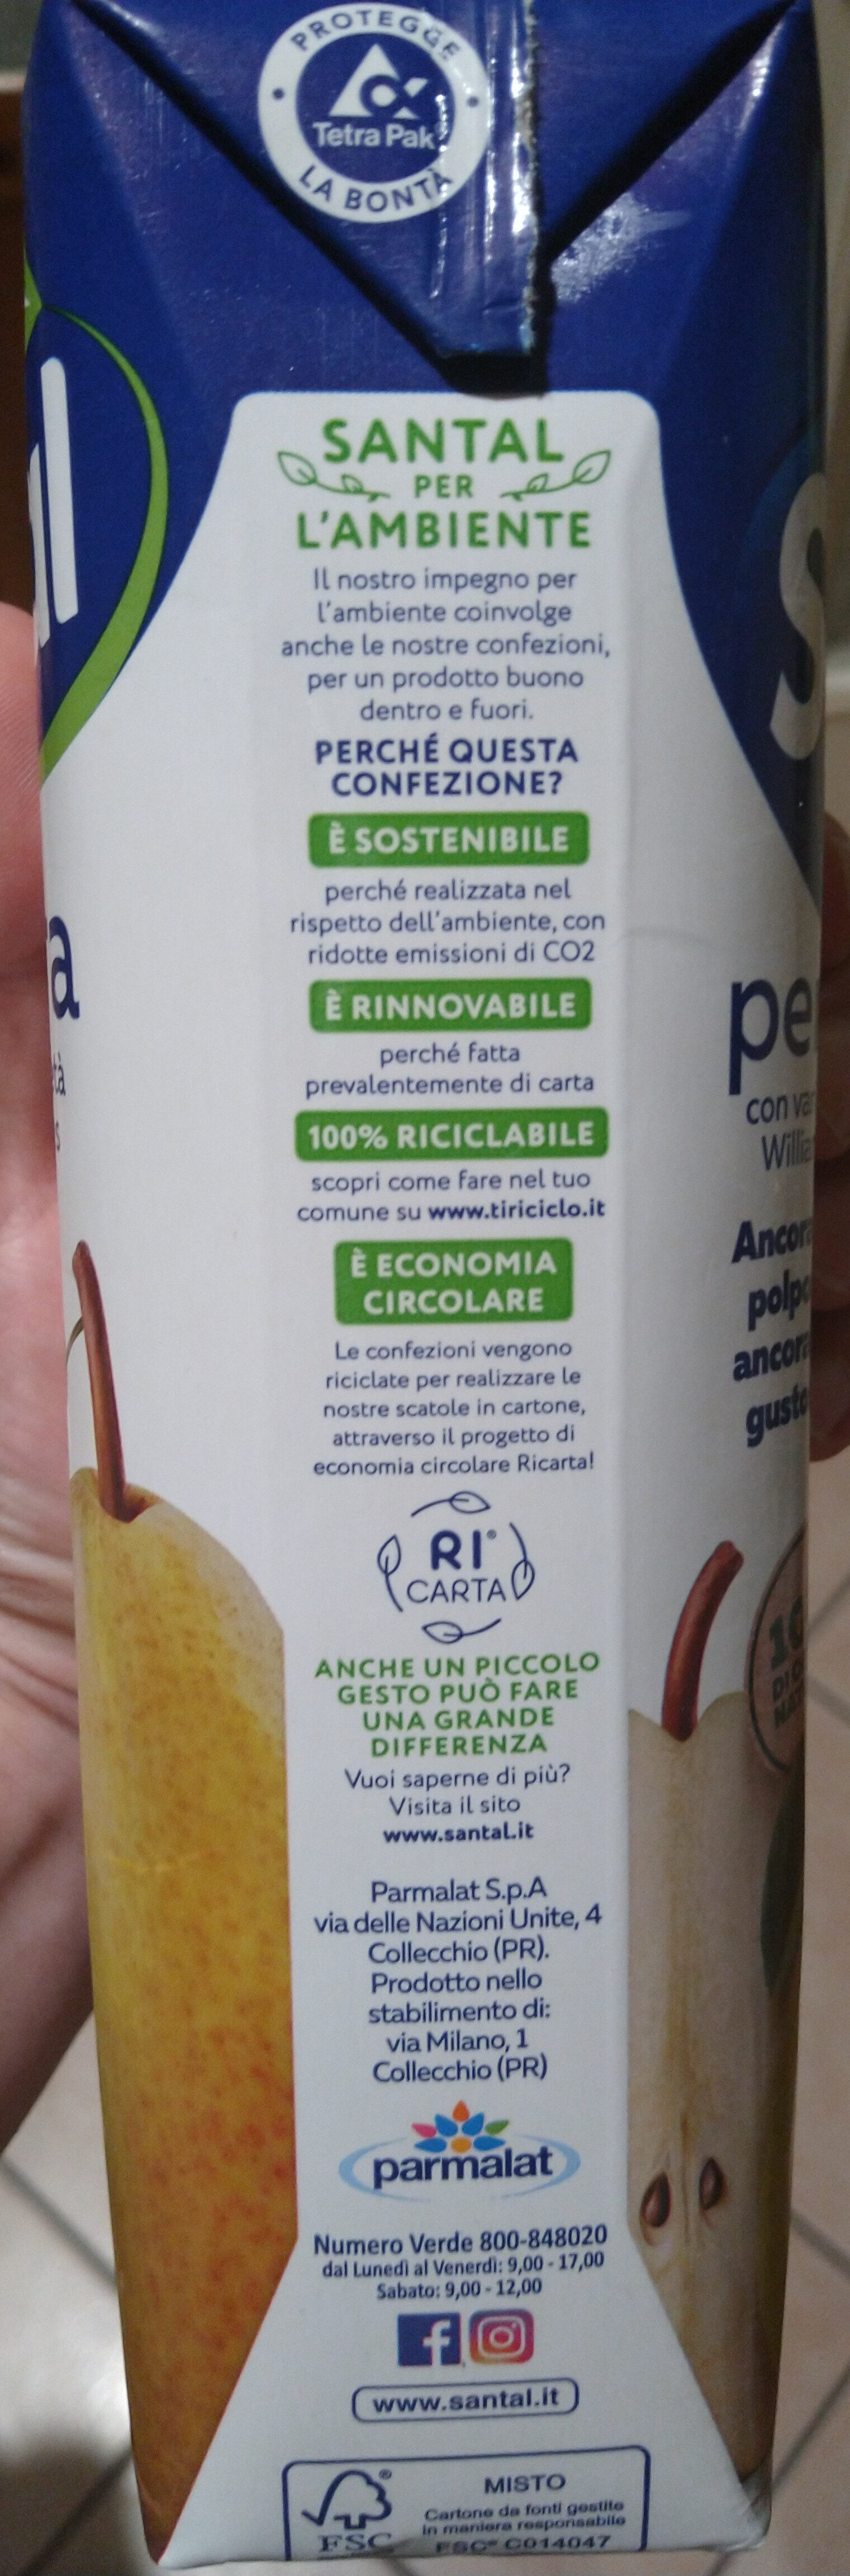 Bevanda a base di purea di Pera da concentrato (frutto: 50% minimo) - Istruzioni per il riciclaggio e/o informazioni sull'imballaggio - it